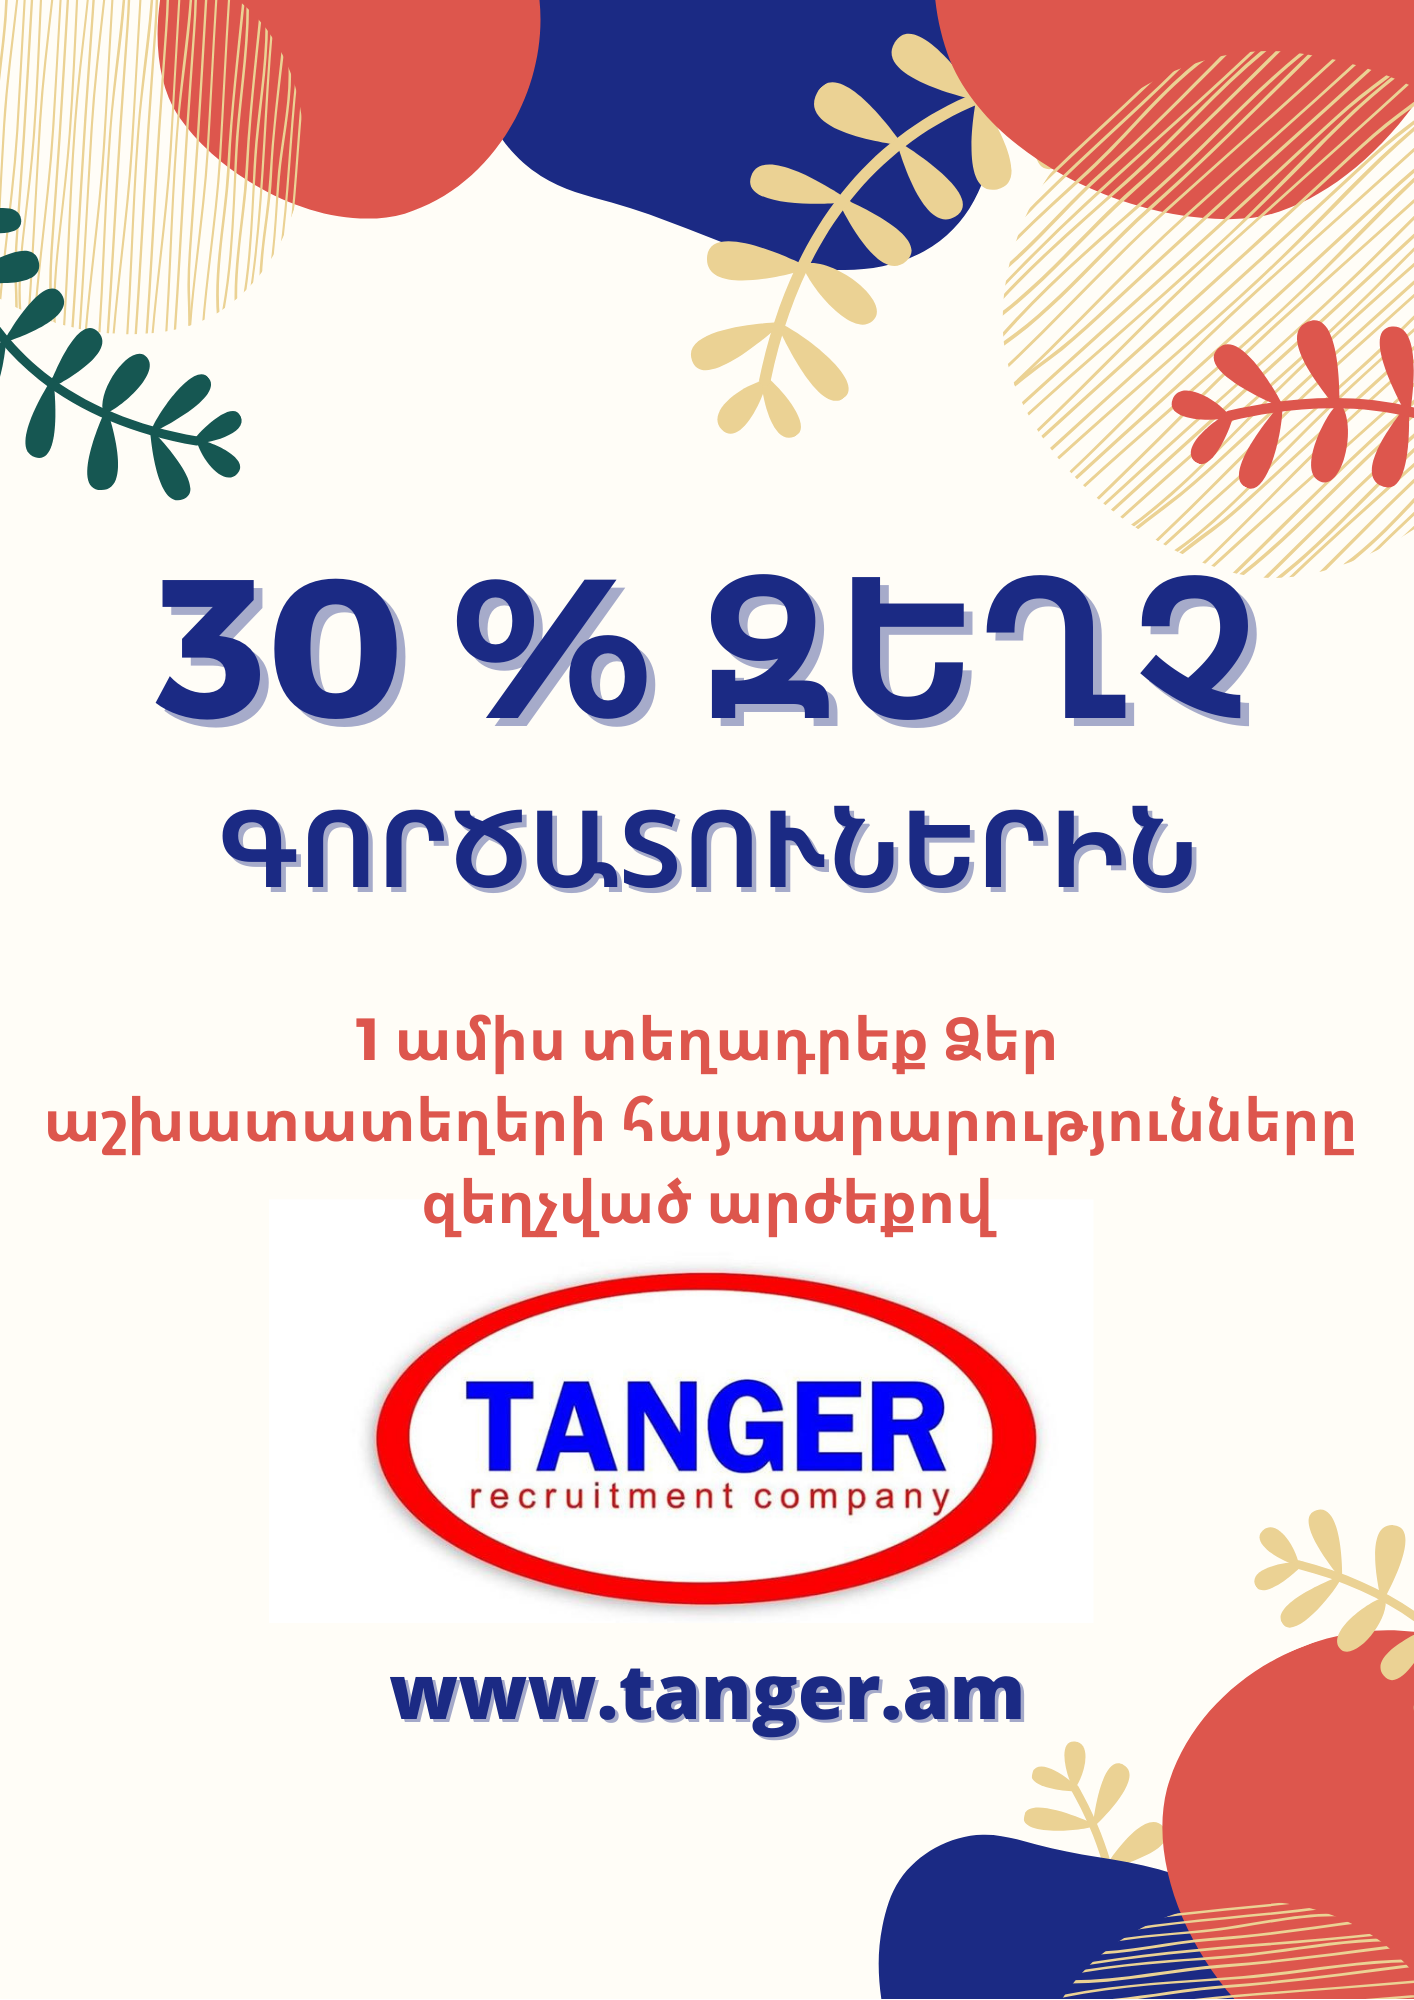 30% ԶԵՂՉ